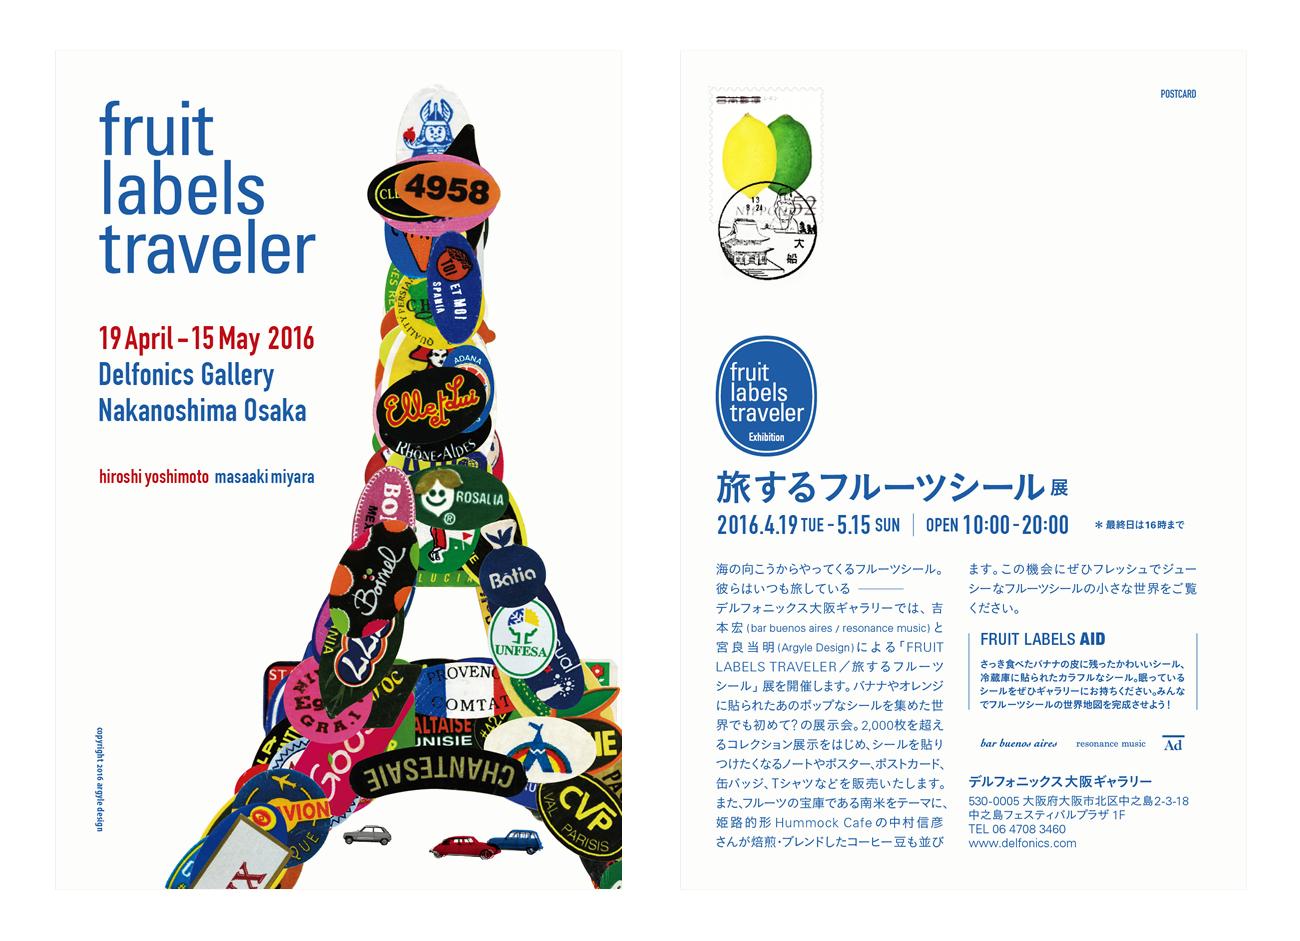 旅するフルーツシール展|DM ポストカード|大阪用